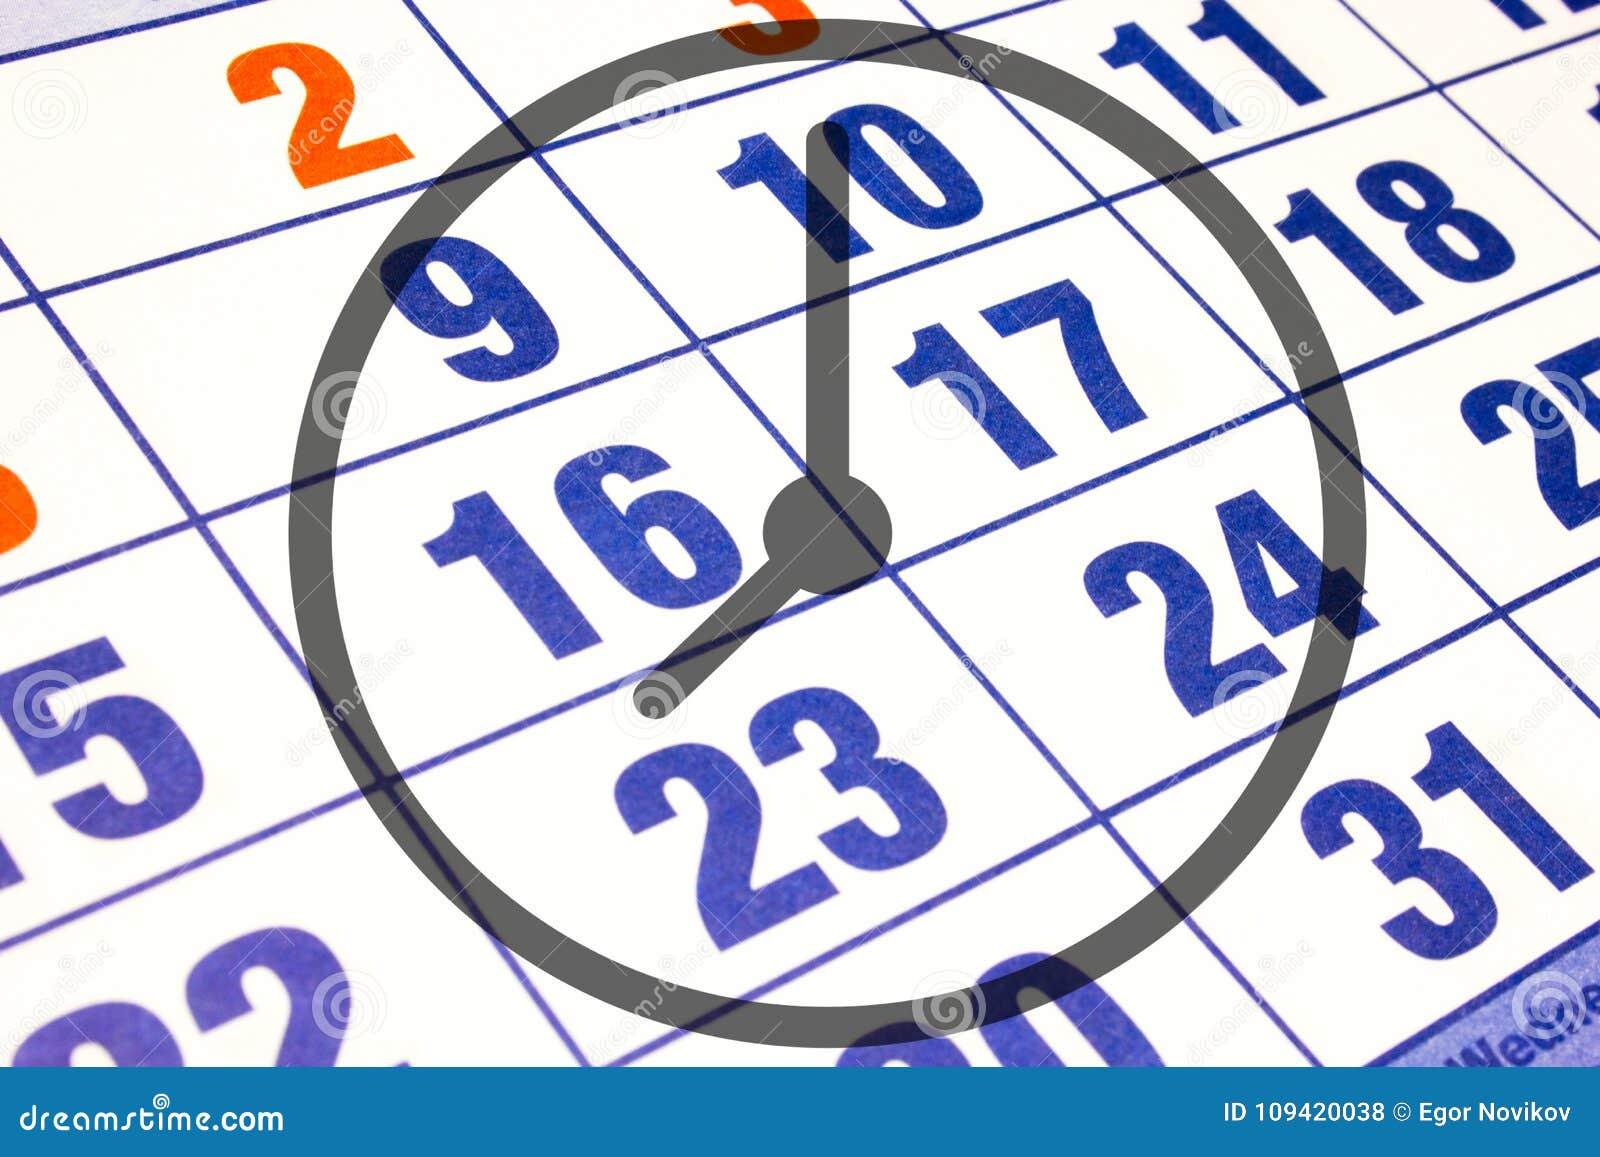 Calendario Con Numero Giorni.Calendario Del Calendario Murale Con Il Numero Dei Giorni E